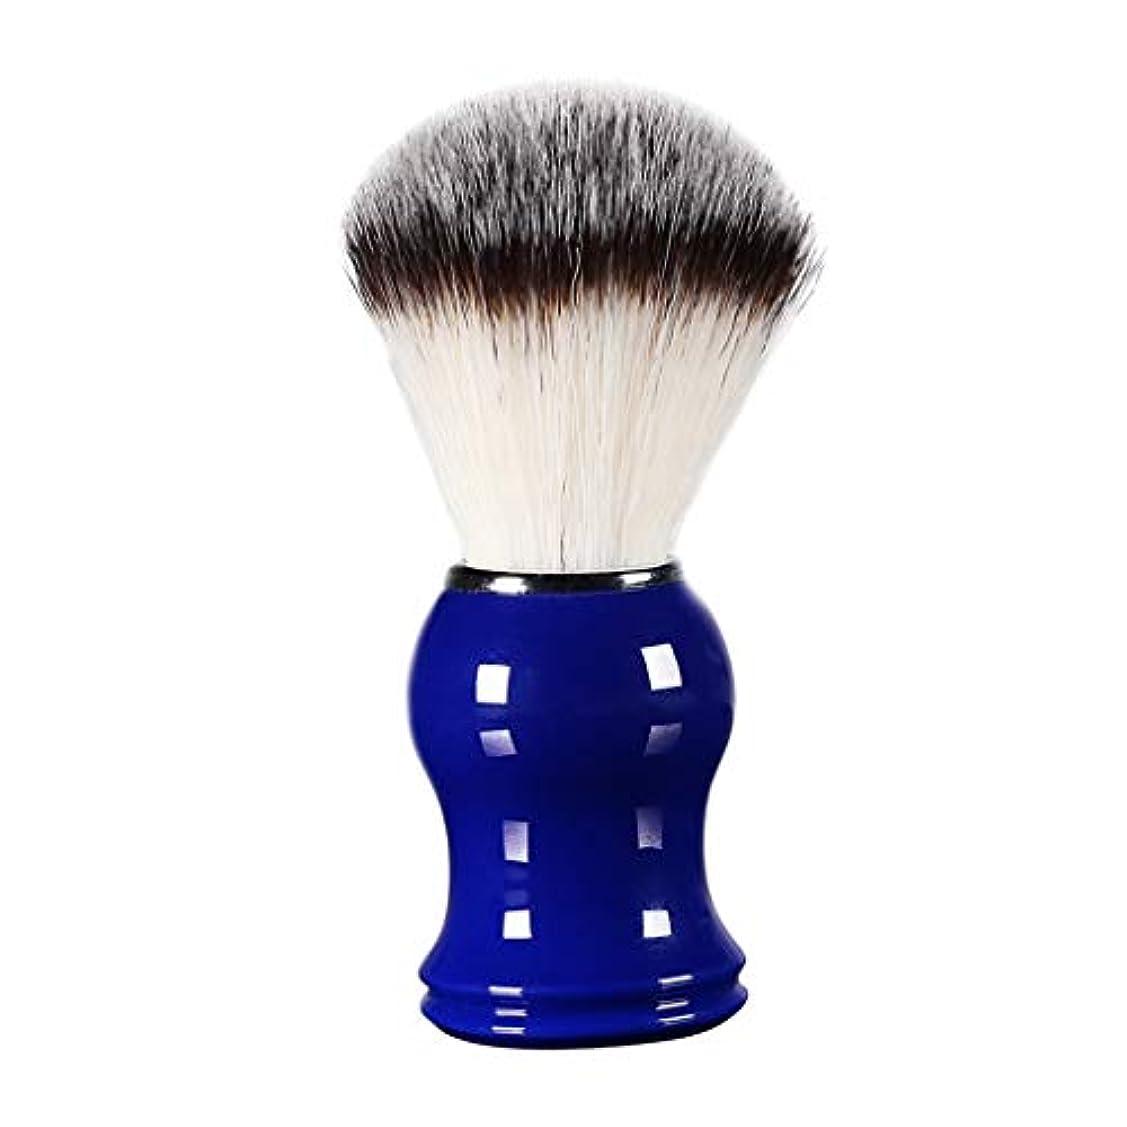 むちゃくちゃ悪魔正確に床屋 サロン 髭剃り シェービングブラシ メンズ 泡立ち 洗顔 理容 約11cm